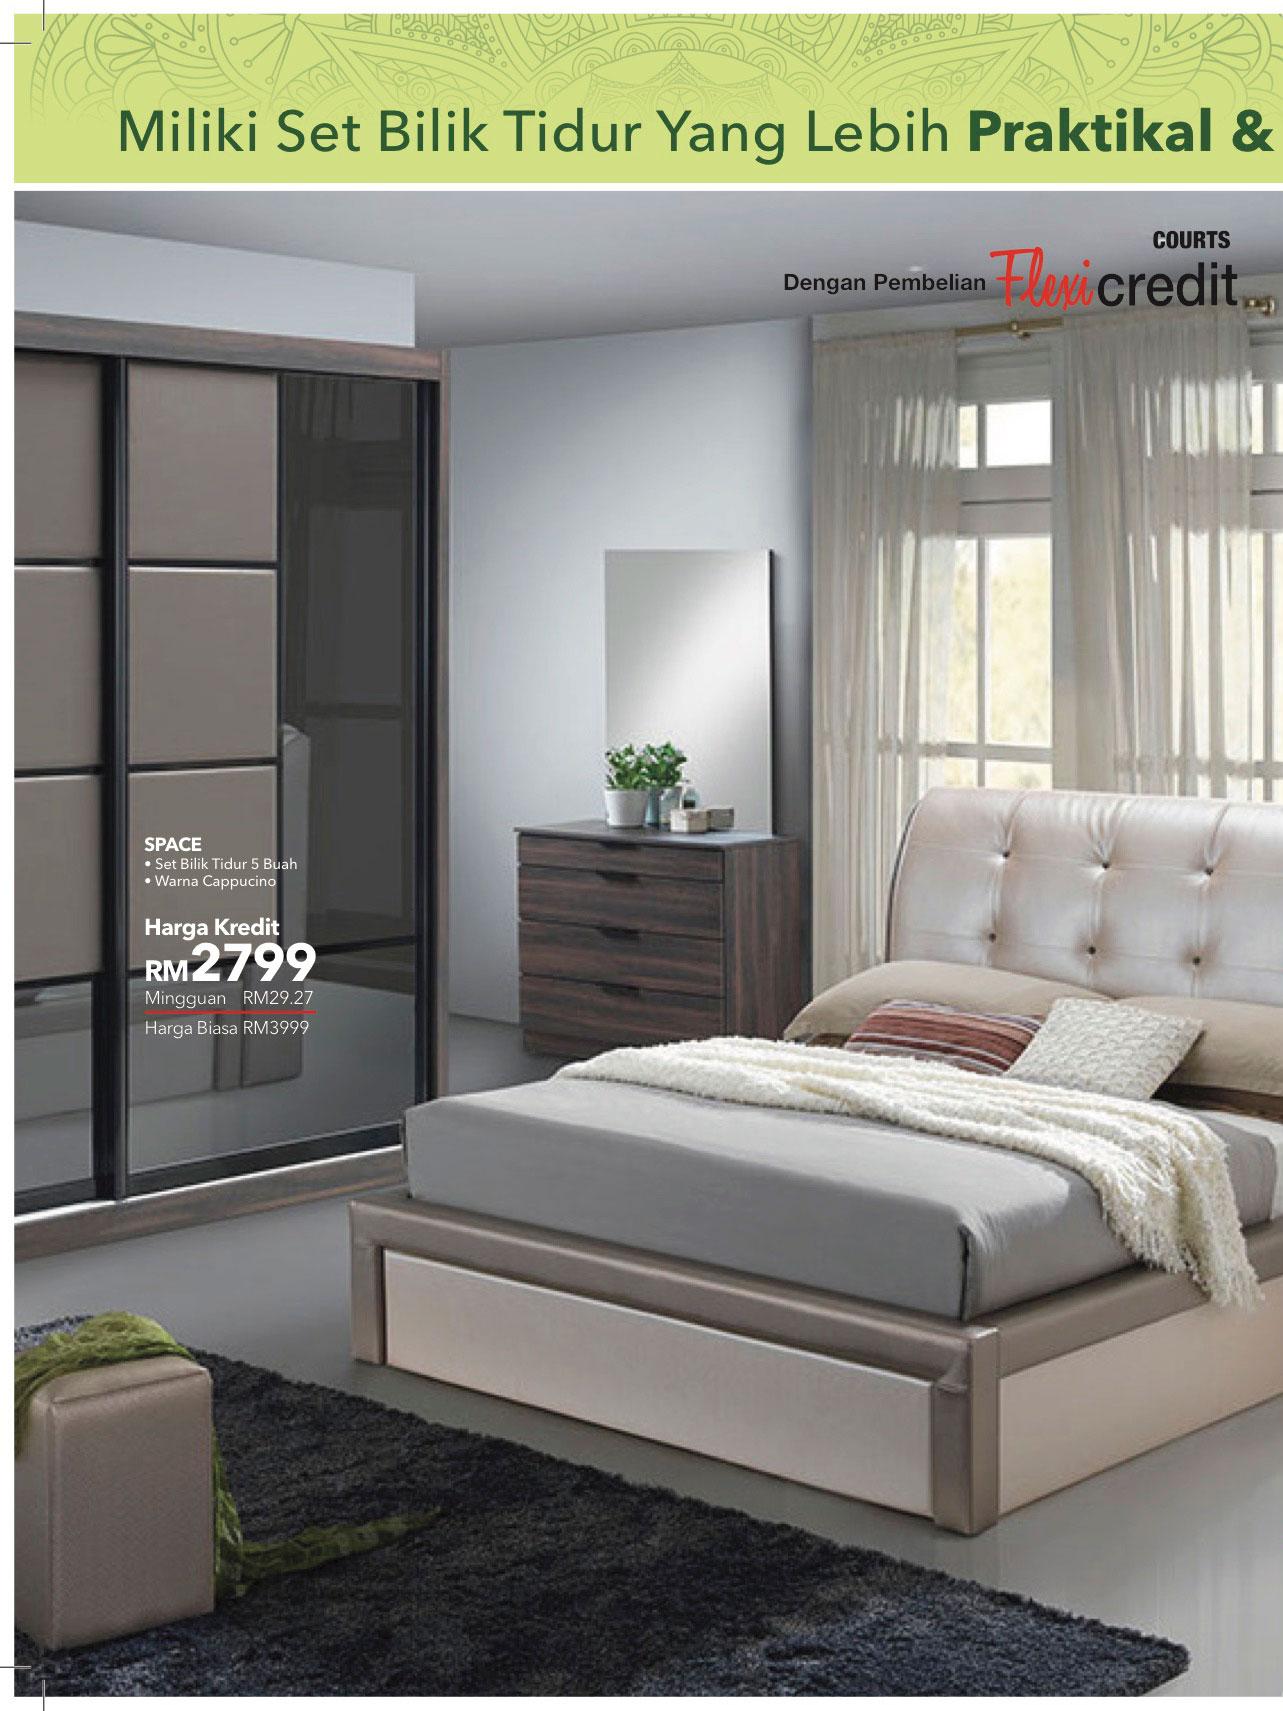 Harga Set Perabot Bilik Tidur Desainrumahid